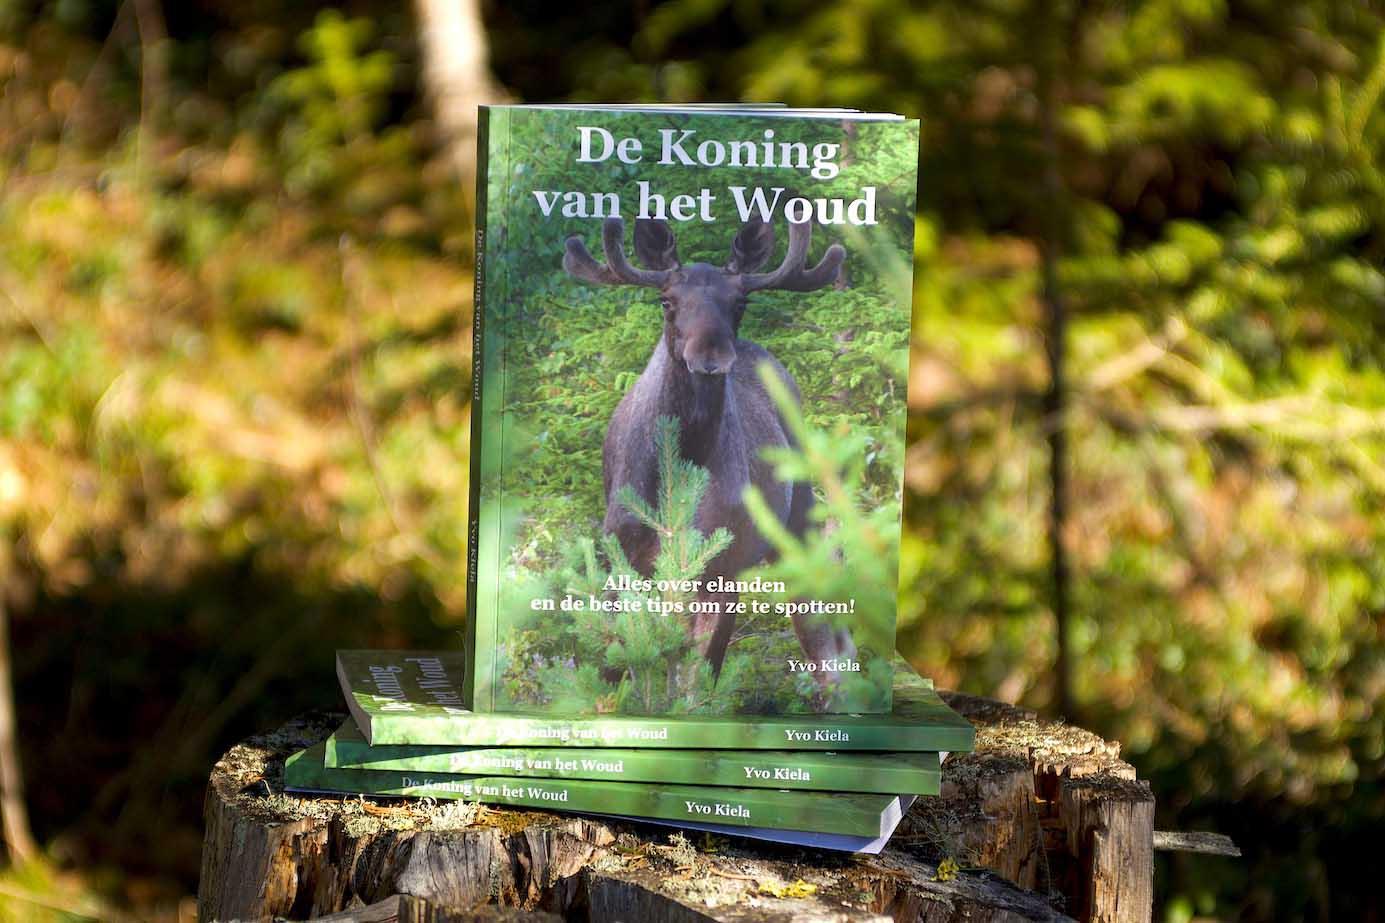 Mocht je binnenkort op reis gaan in Noord-Europa, Noord-Amerika of Noord-Azië en elanden willen spotten, dan is 'De koning van het woud' een boek dat je beslist gelezen en bij je moet hebben. Praktisch naslagwerk Naast beschrijvingen van de eland zelf en de gebieden waarin ze leven is in 'De koning van het woud' bijvoorbeeld ook te lezen waar je elanden kunt spotten, hoe je je moet gedragen bij een ontmoeting met een eland, hoe je zijn orenspel kunt lezen en wat je moet doen als je er onverhoopt een aanrijdt. De verhalen worden ondersteund met veel foto's. Het boek heeft een handig A5-formaat en bestaat uit 120 bladzijden. De teksten lezen makkelijk en zijn ongecompliceerd, waardoor het naslagwerk ook leuk is voor de jongere lezer. De schrijver Yvo Kiela runt het buitenactiviteitenbedrijf 'Rawhides' Guiding Company en organiseert al meer dan 10 jaar elandsafari's in midden Zweden. In het boek deelt hij al zijn ervaringen en kennis op elandengebied. Bestellen Het boek kost €15,95 (exclusief verzendkosten) en is te bestellen via de website van 'Rawhides' Guiding Company.